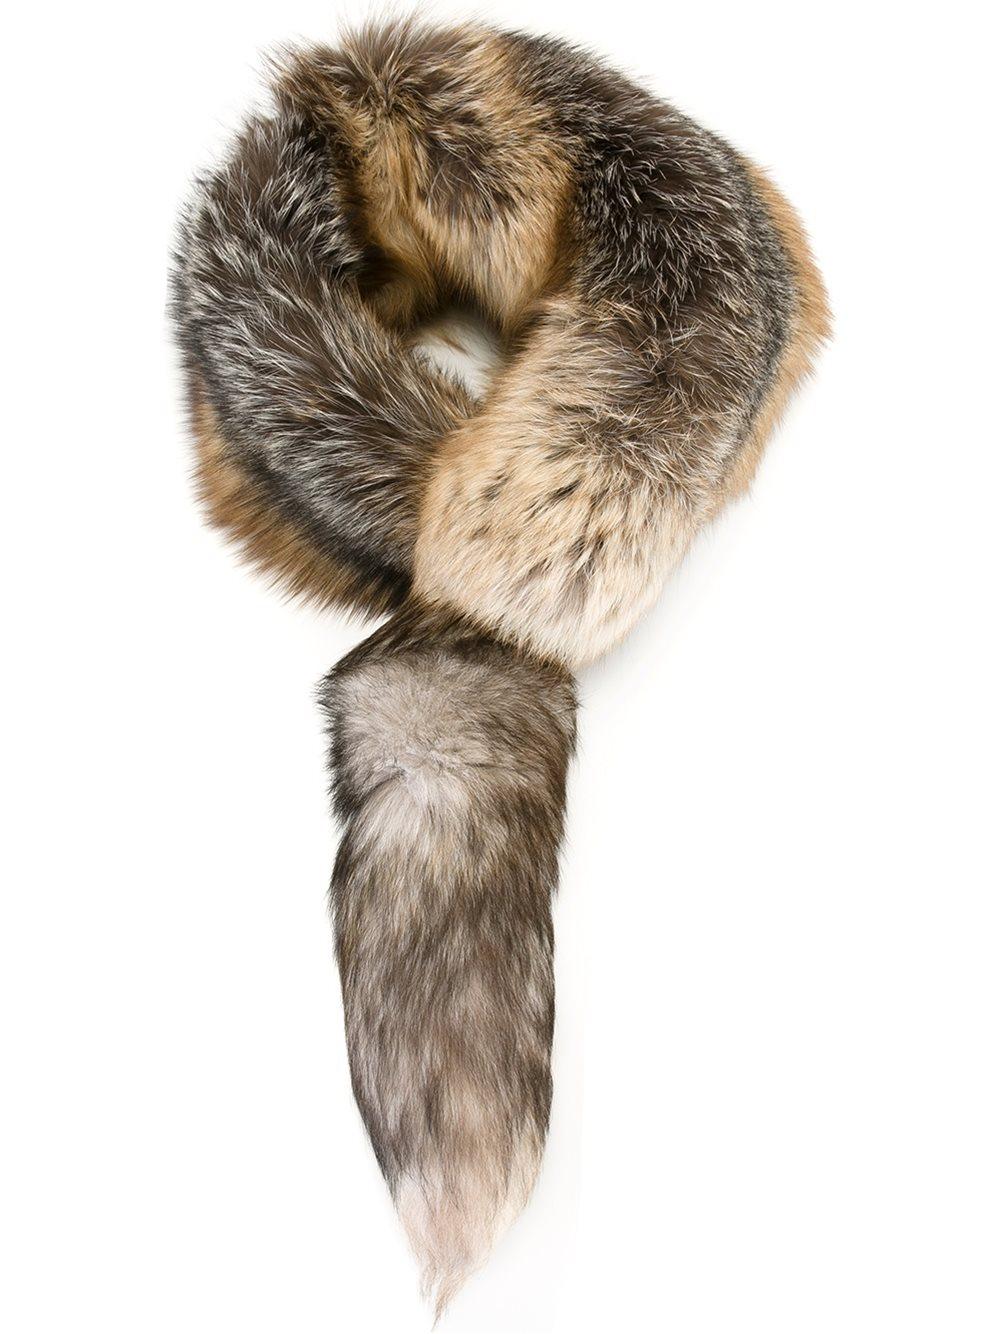 Fourrure echarpe homme - Idée pour s habiller d308e50611c